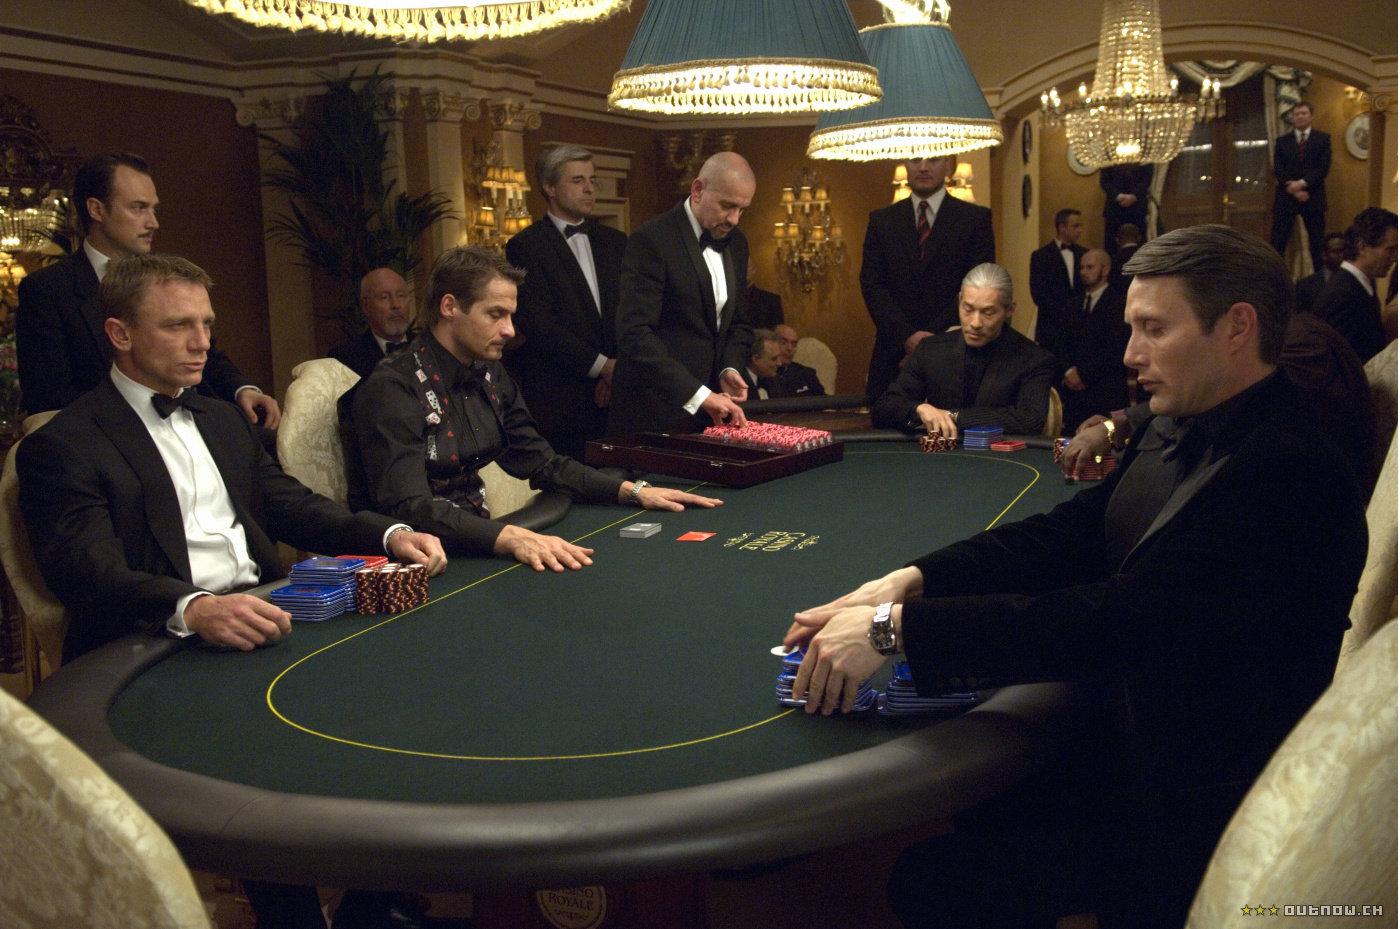 Казино рояль сцена пытки что такое казино клип